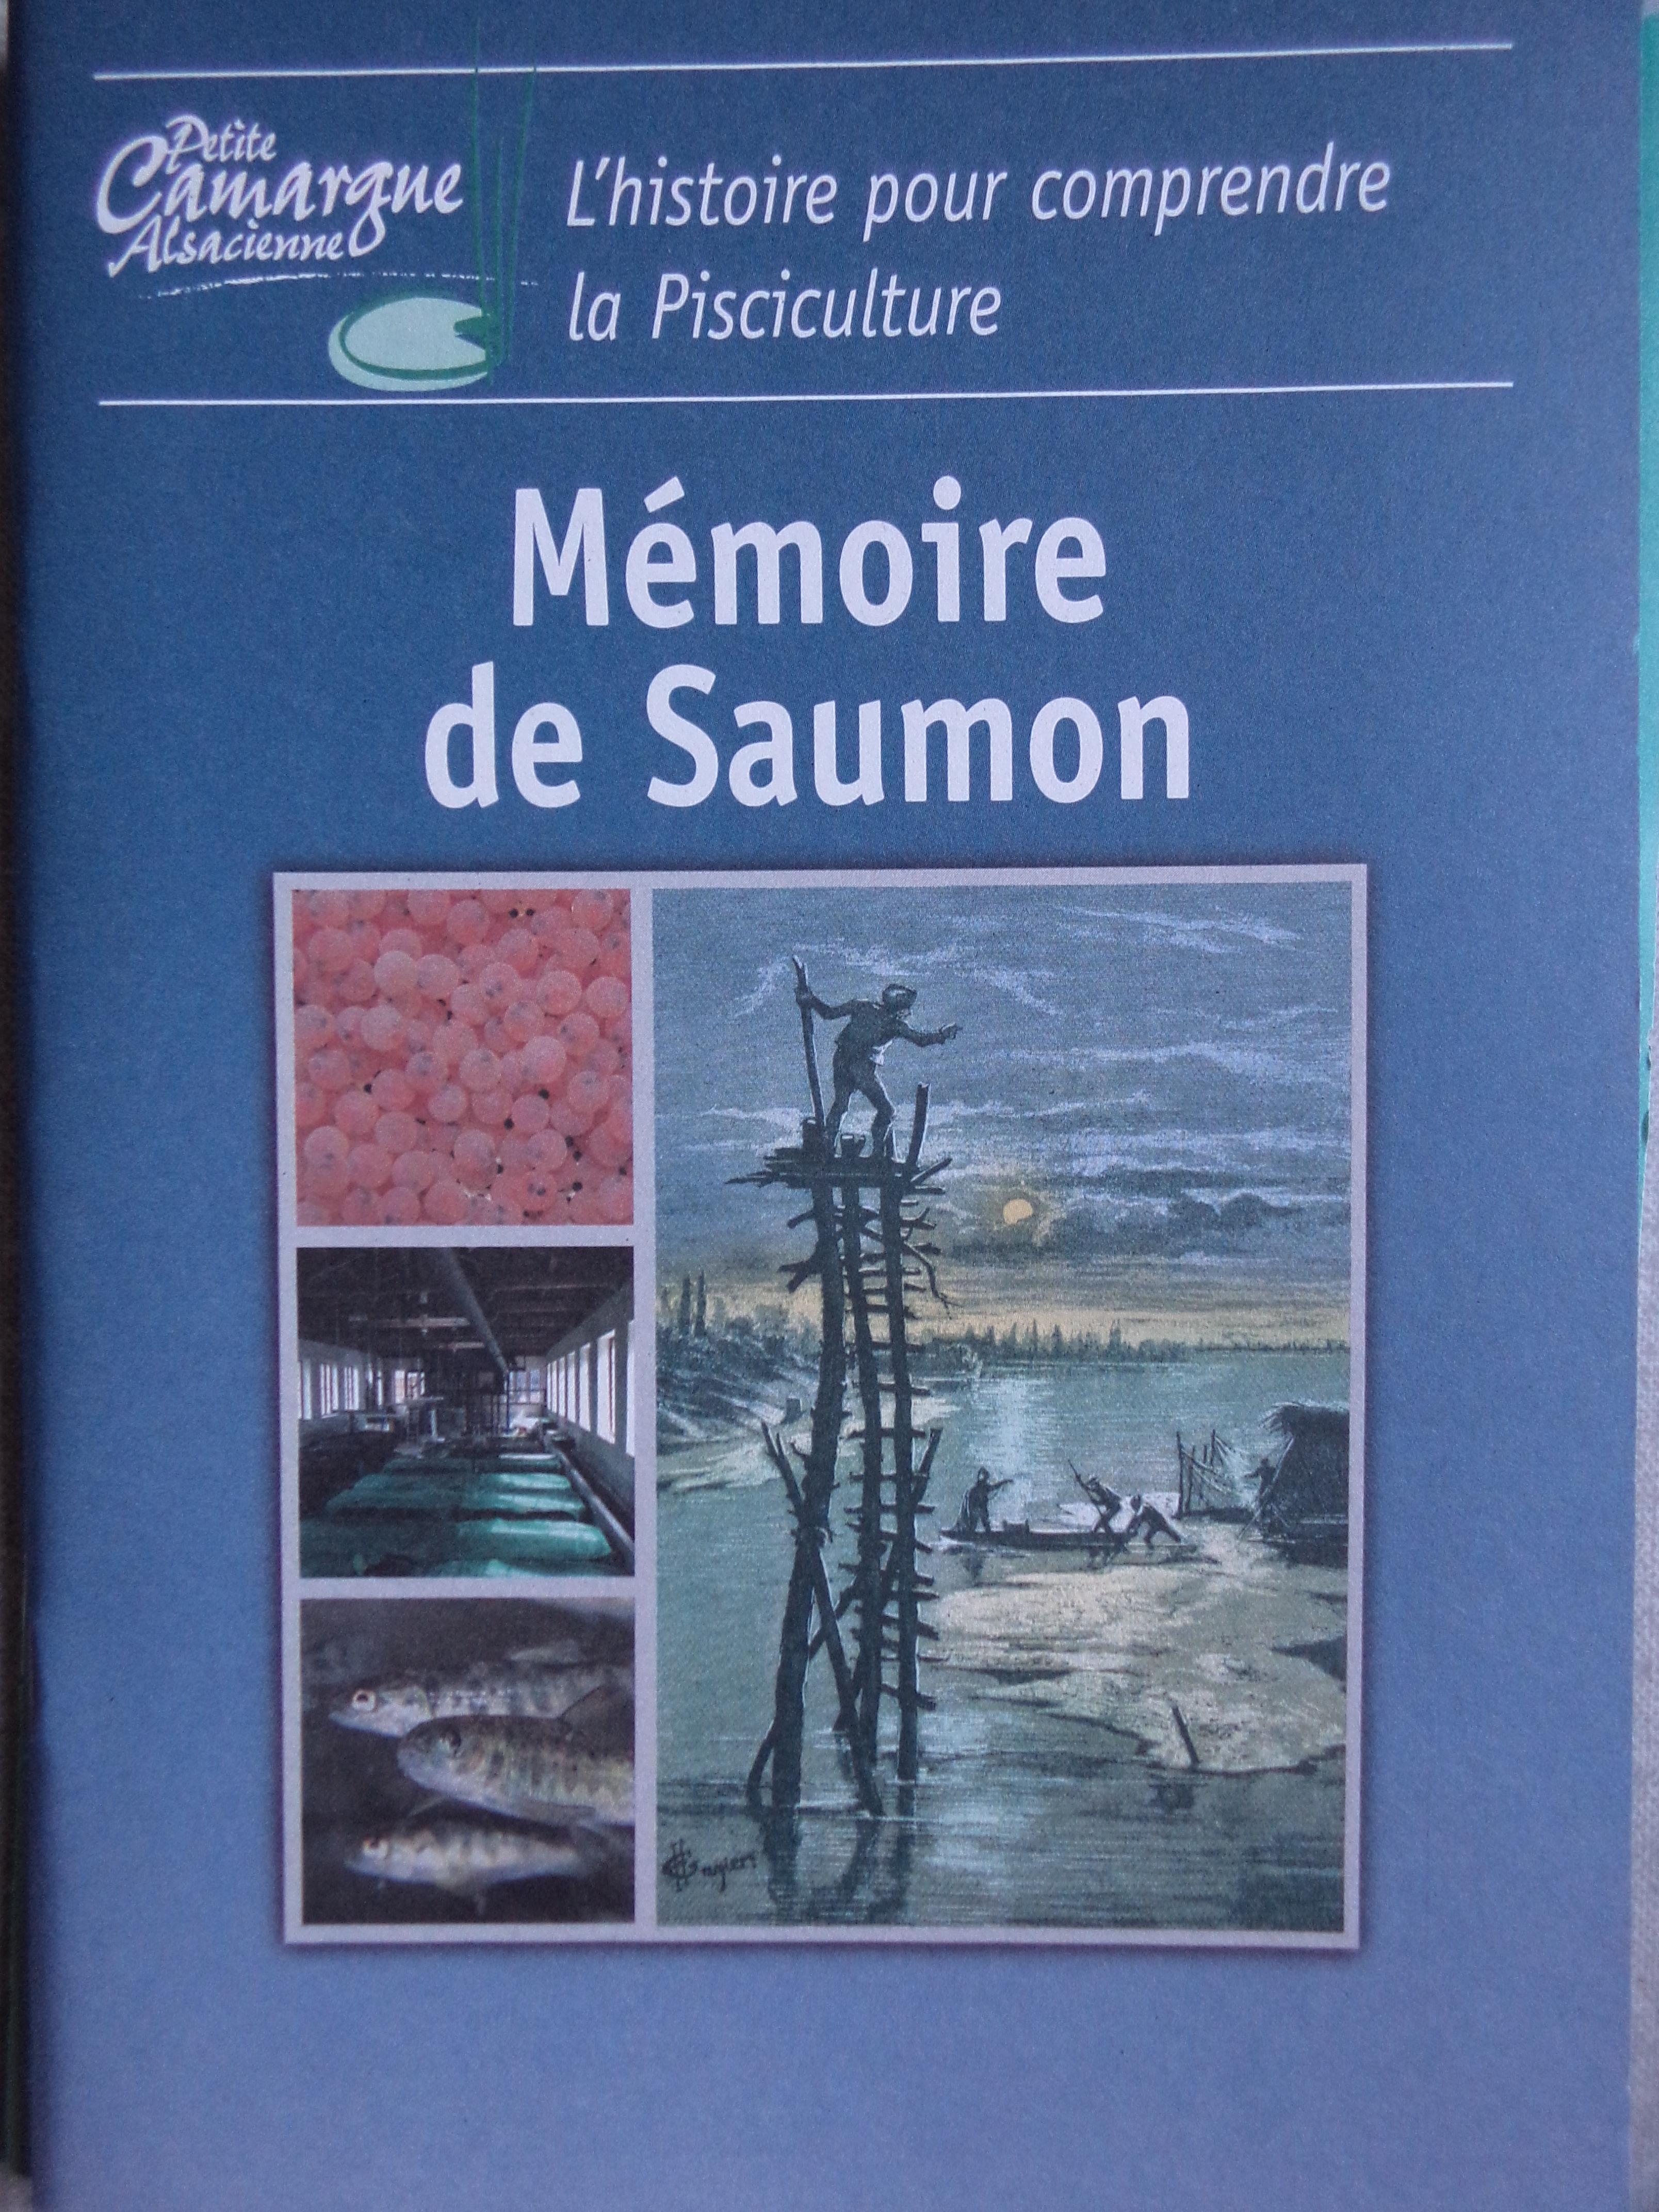 Guide «Mémoire de Saumon»